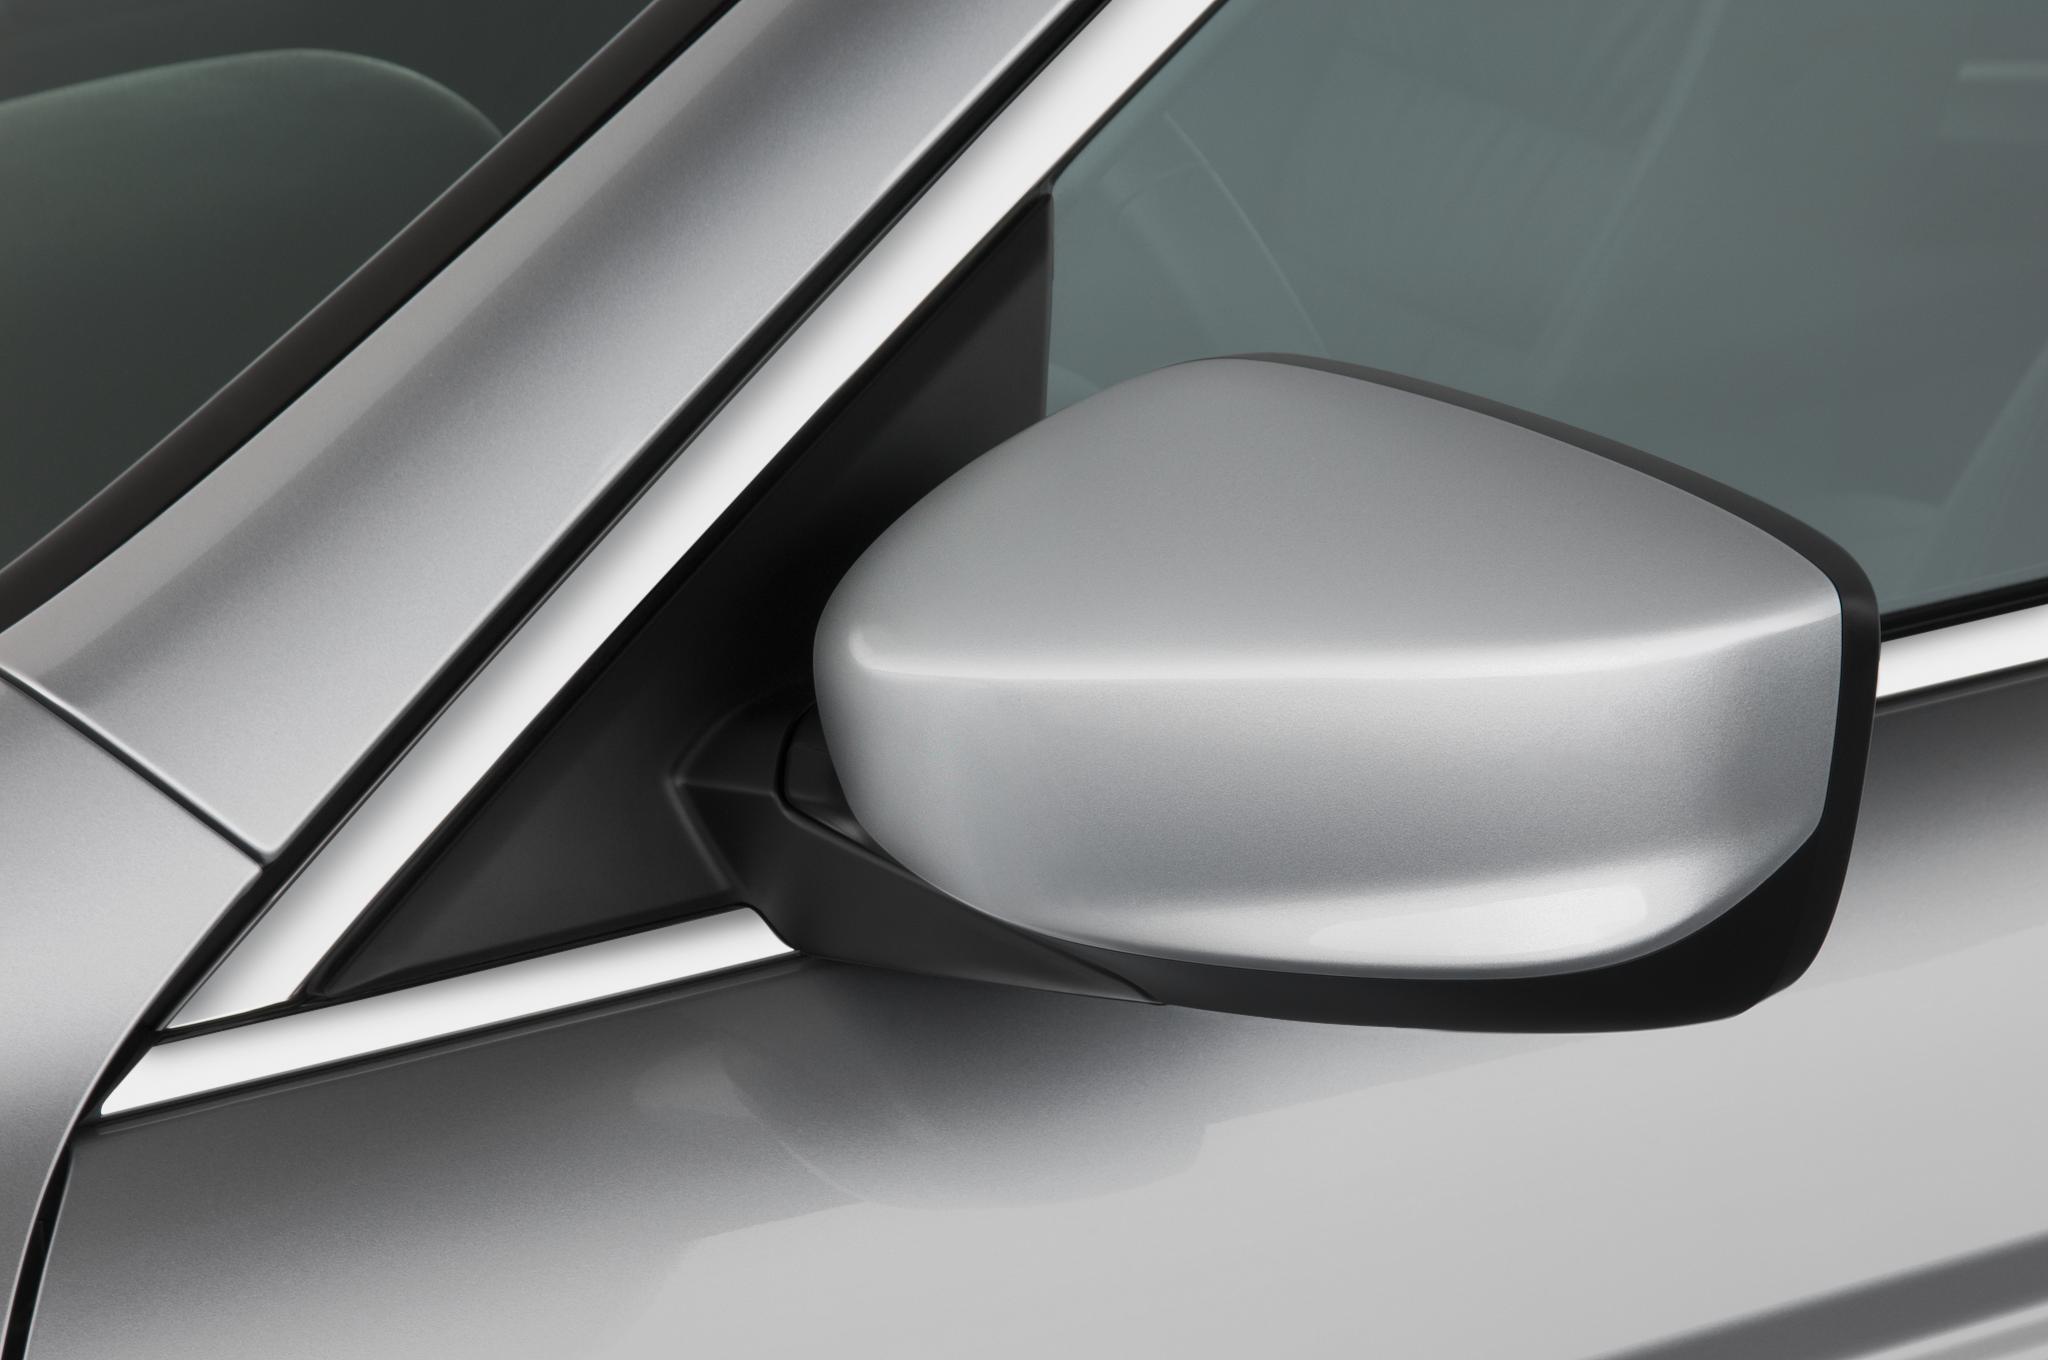 2010 Honda Accord Coupe V 6 Driven Automobile Magazine